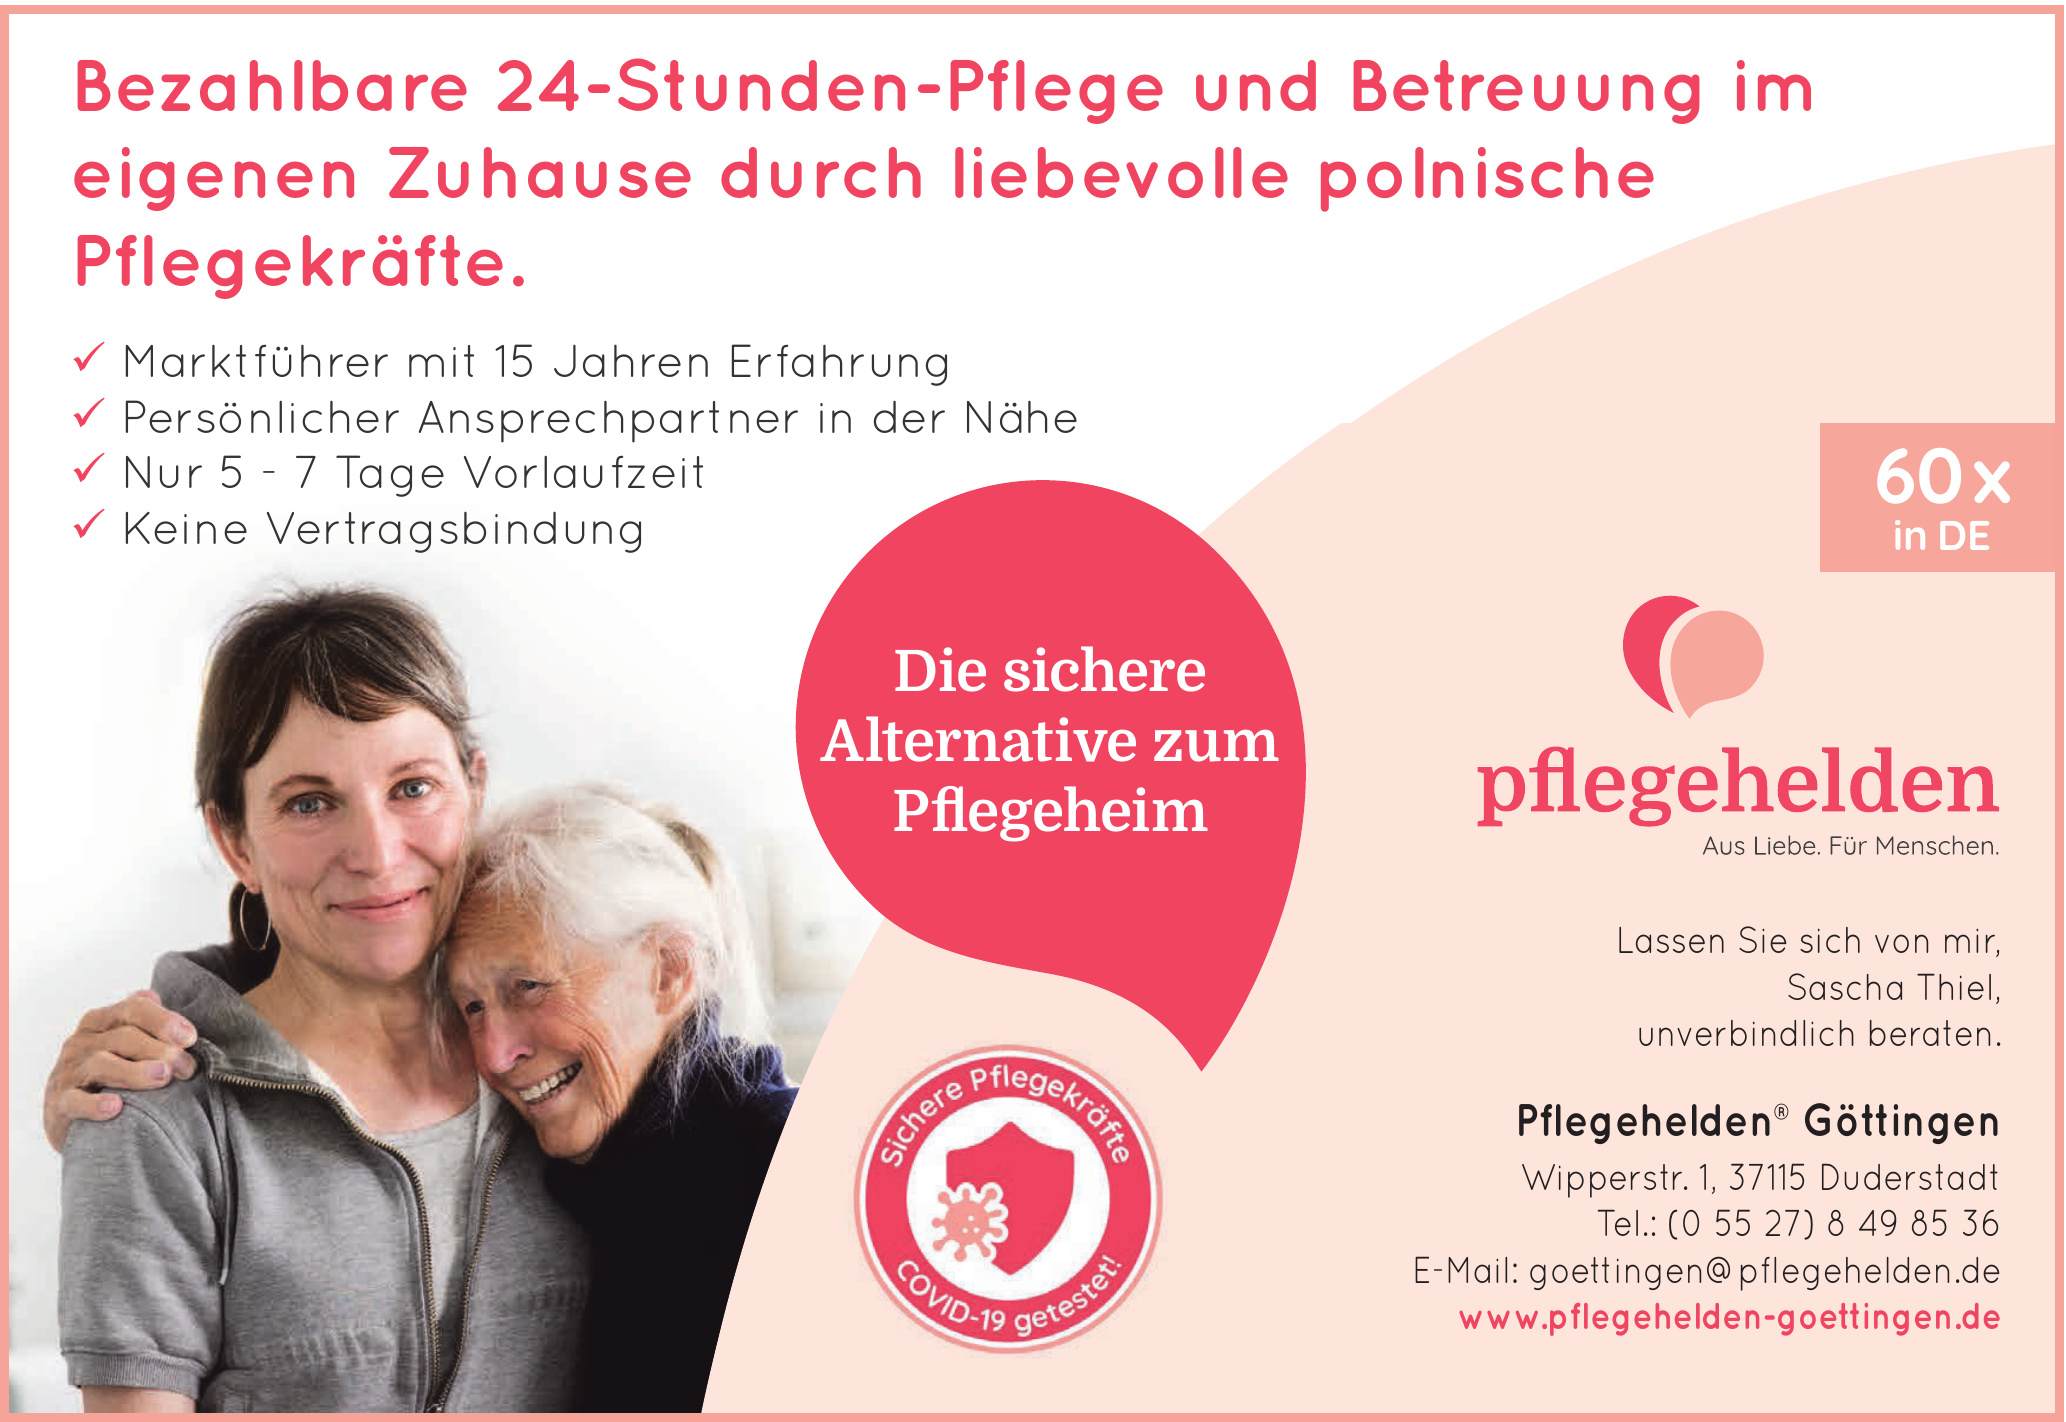 Pflegehelden Göttingen